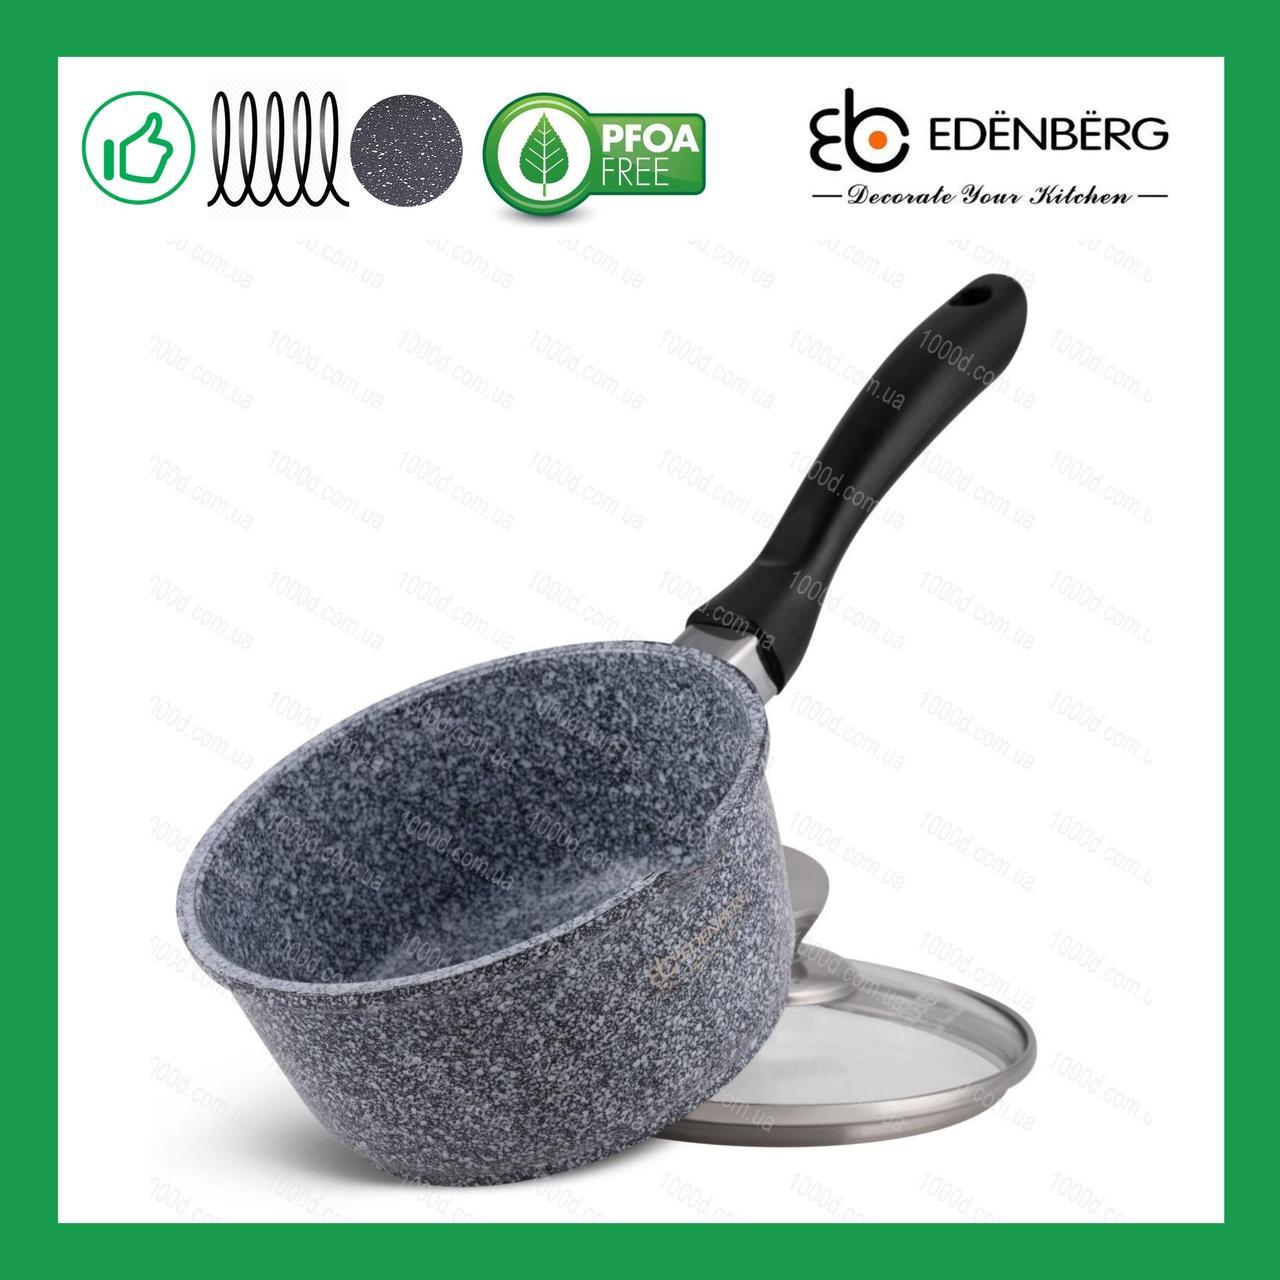 Ковшик 1.3 л Edenberg с гранитным антипригарным покрытием из литого алюминия (EB-8043)